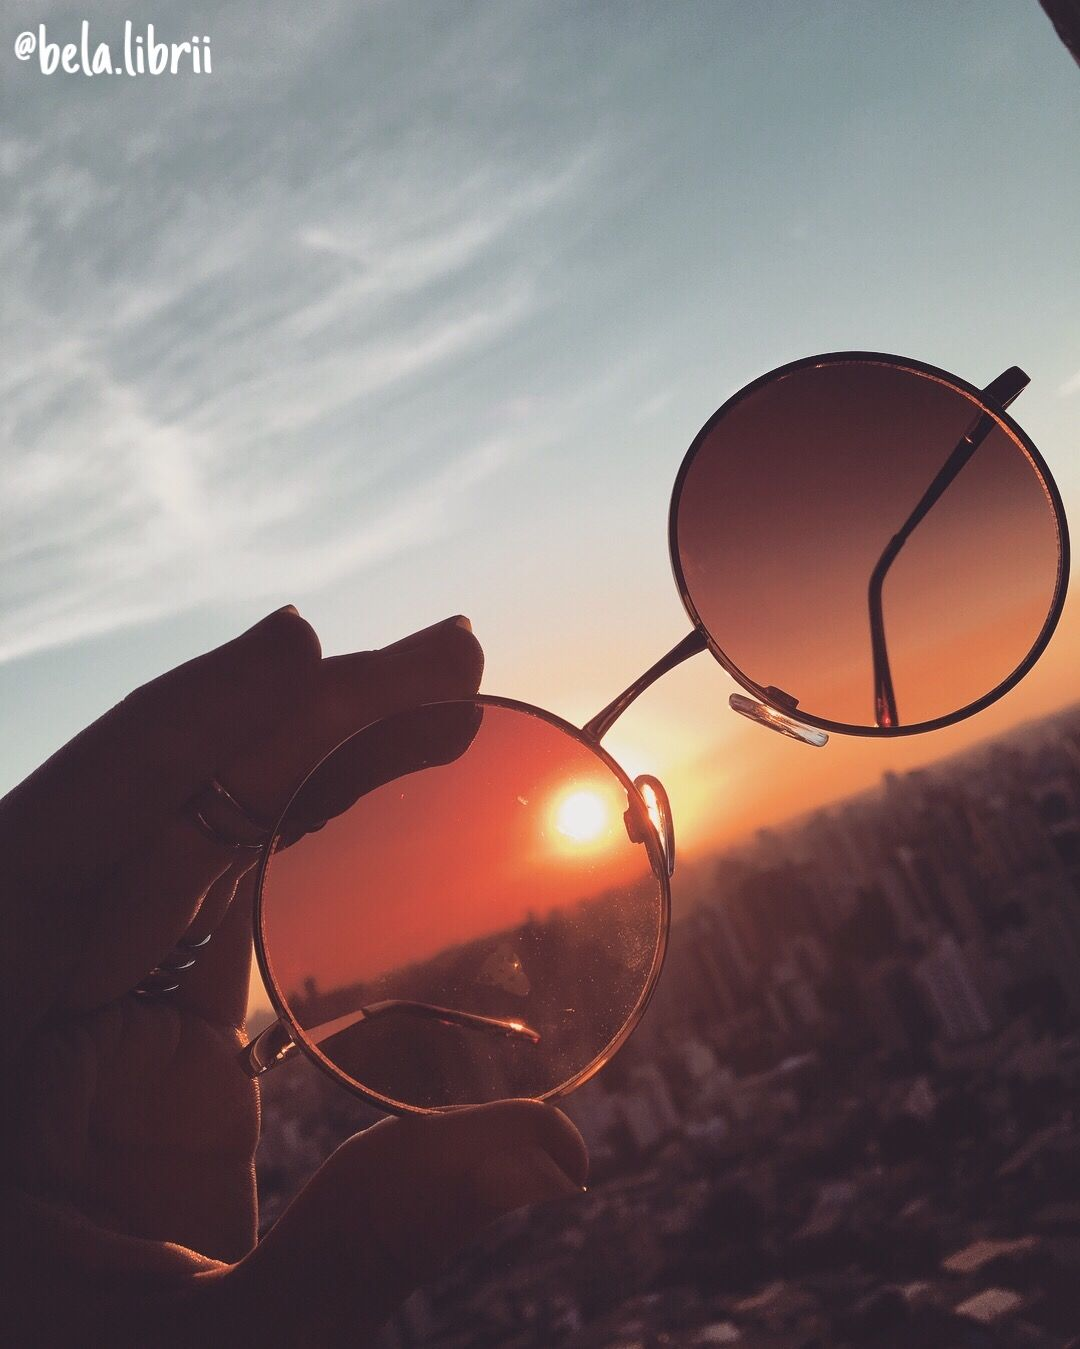 Foto Estilo Tumblr óculos De Sol E Paisagem Creative Pics